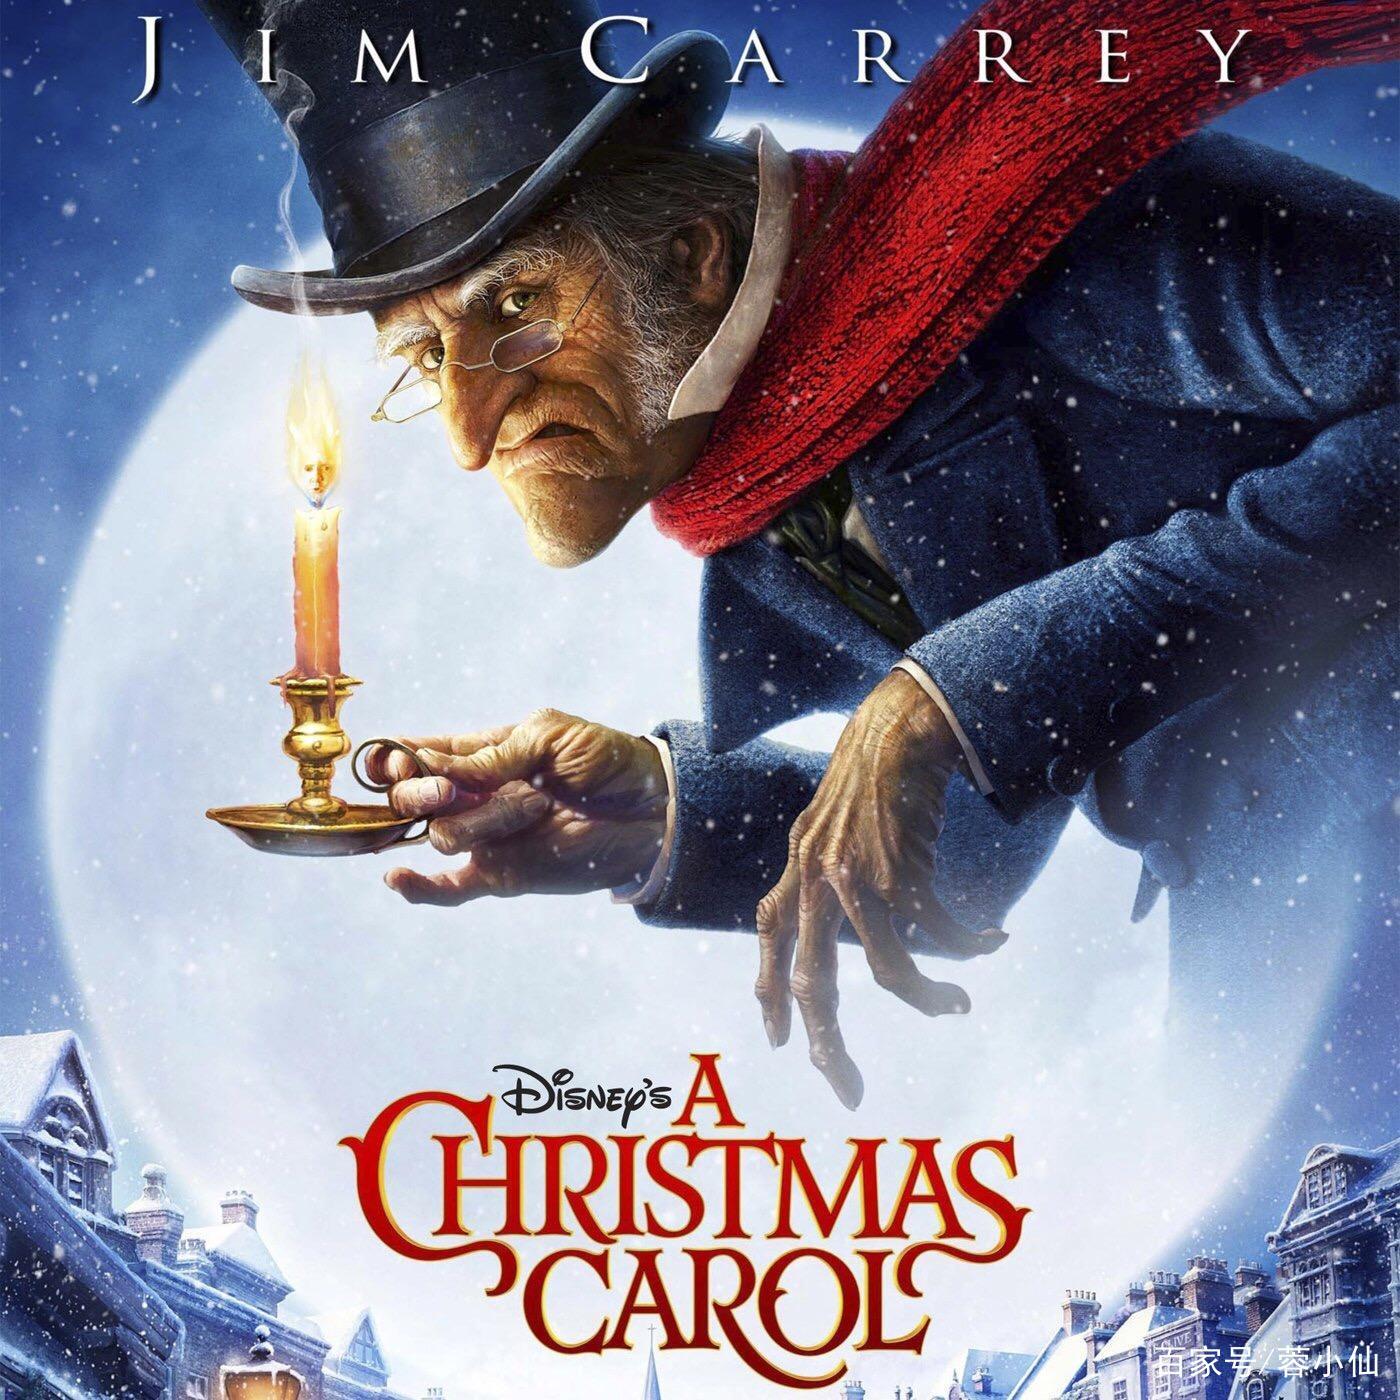 《圣诞颂歌》:善恶一念间